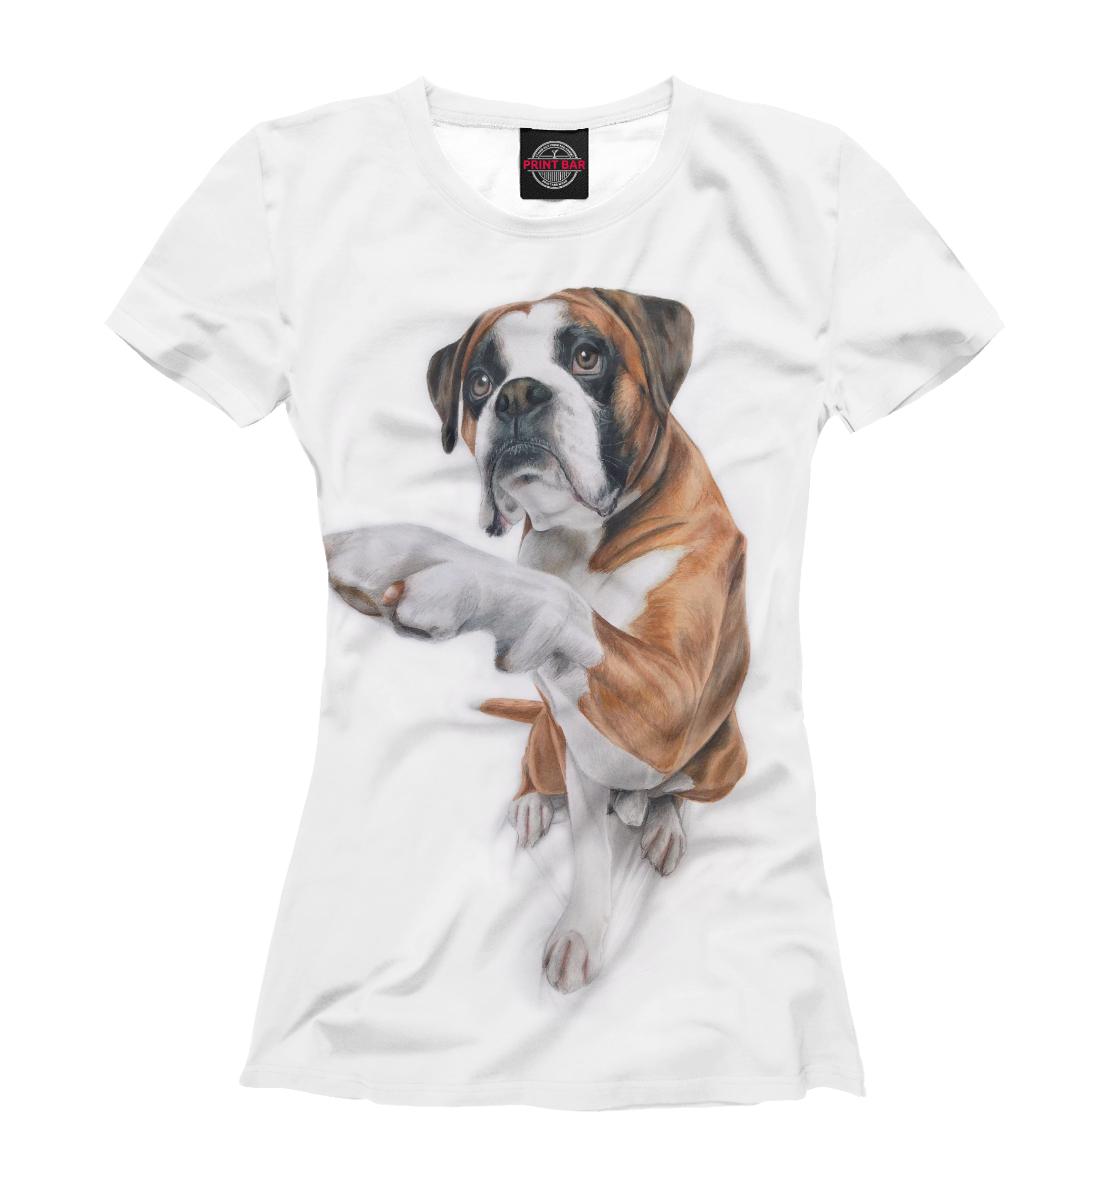 Купить Дай лапу, Printbar, Футболки, DOG-984445-fut-1